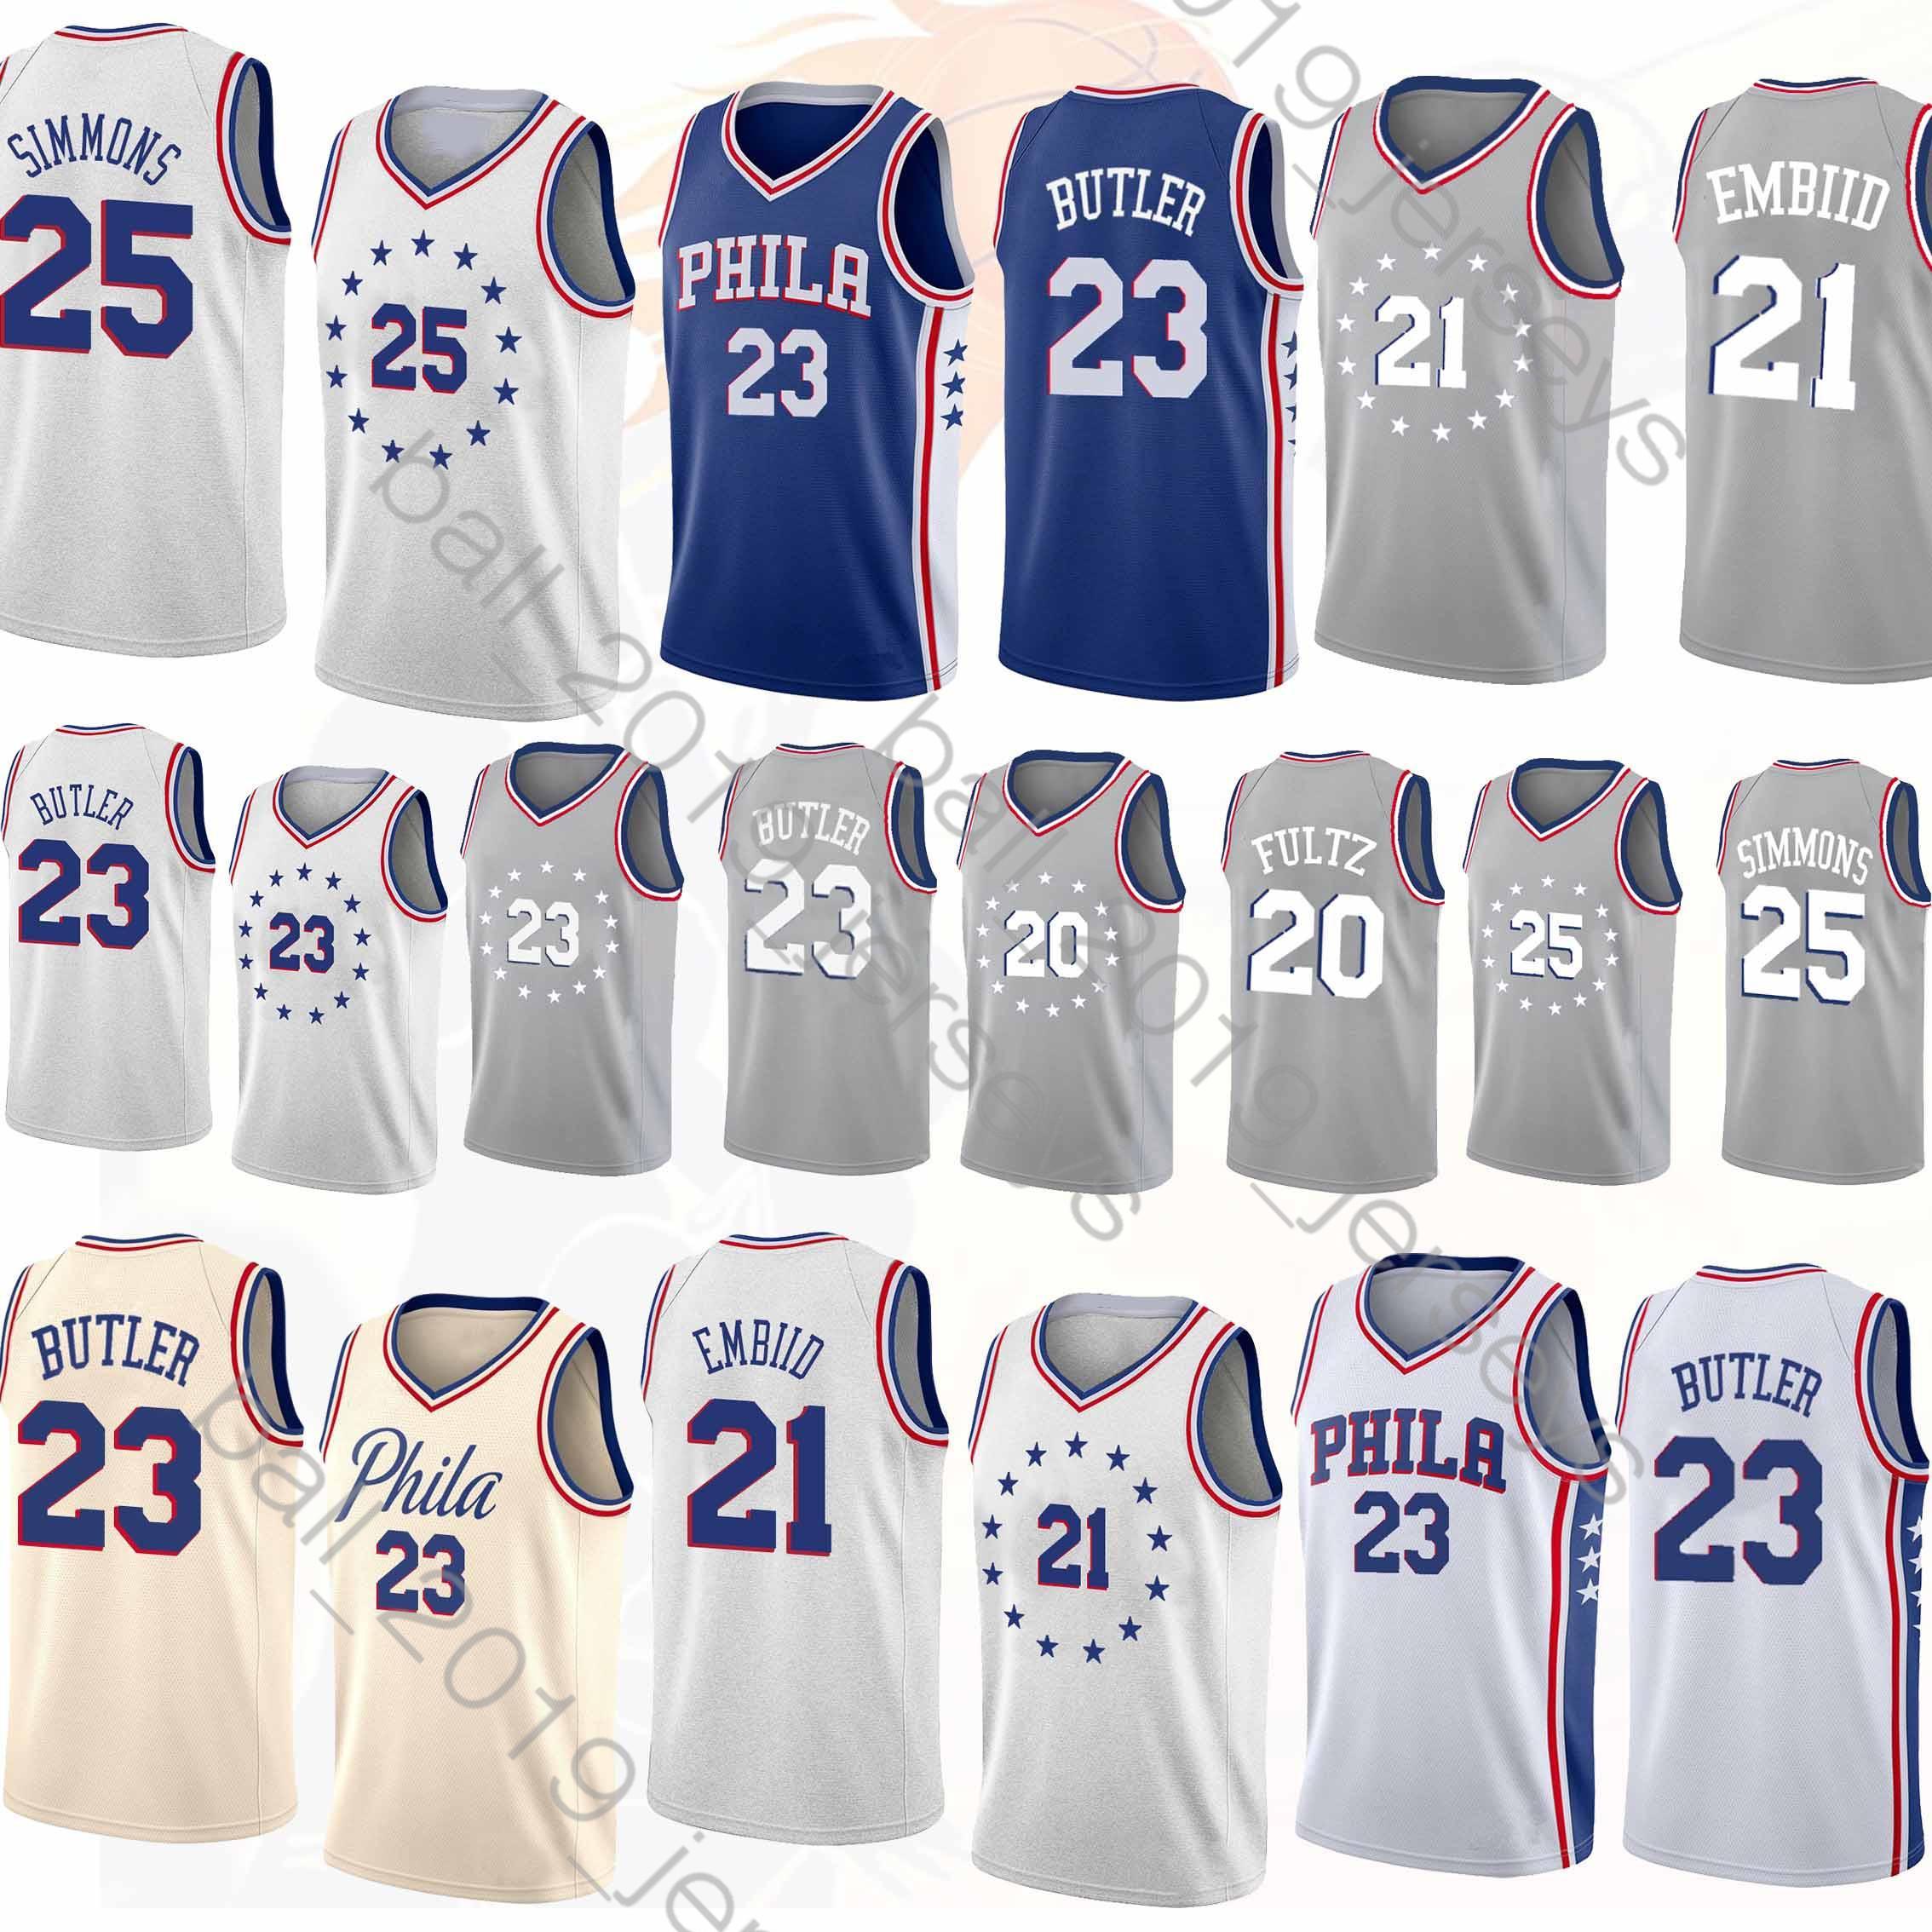 online store 114e8 5611d Philadelphia Ben 25 Simmons 76ers jerseys Joel 21 Embiid 23 Butler jersey  Maillots de basketball jersey